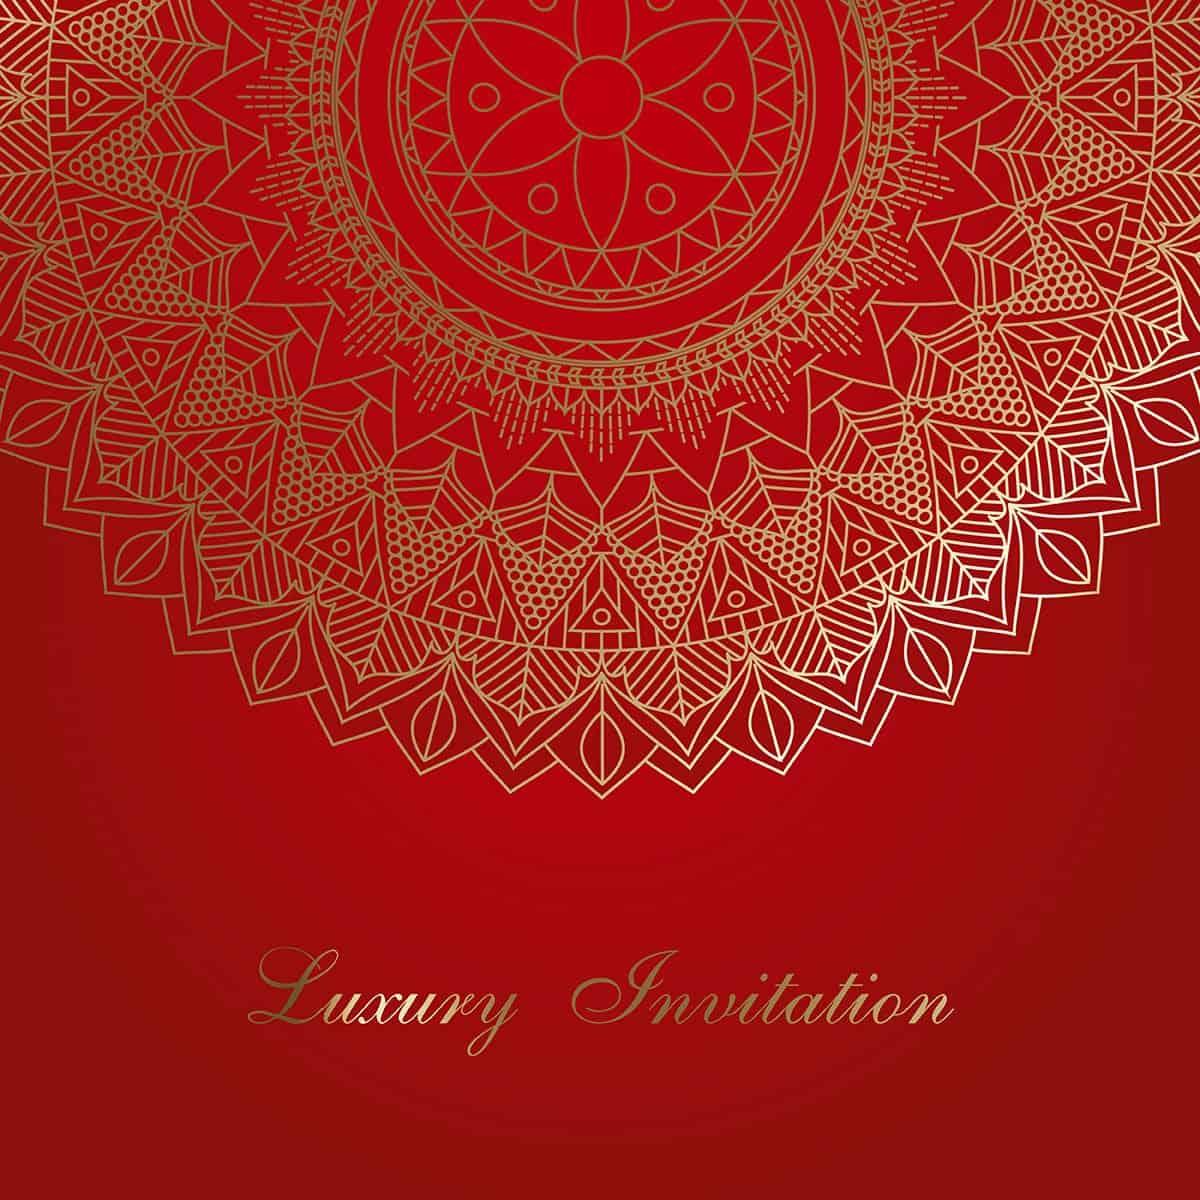 Mandala invitation background